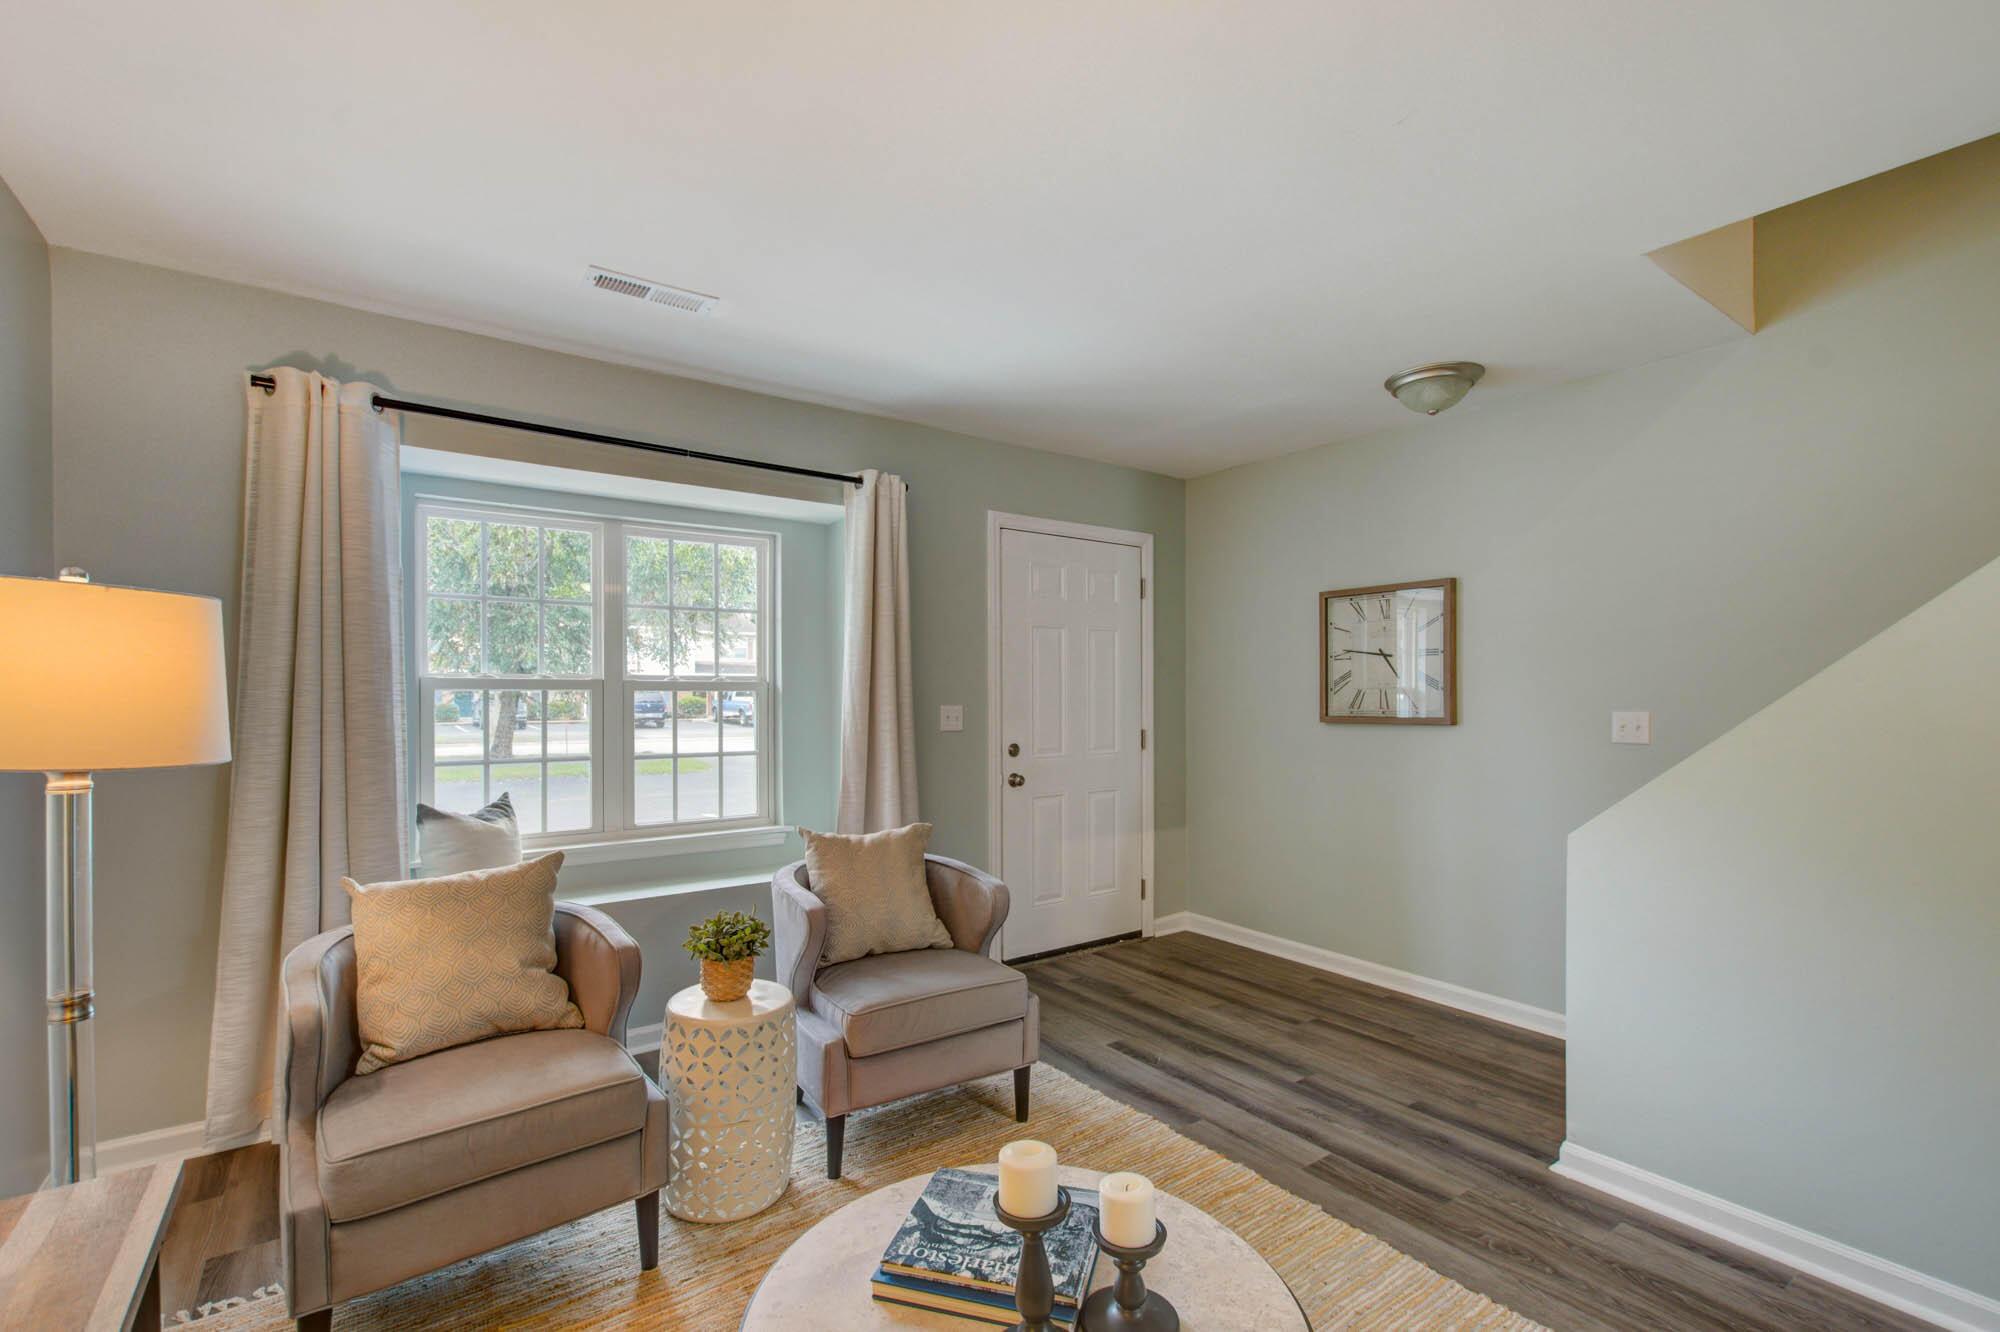 Wando East Homes For Sale - 1534 Nantahala, Mount Pleasant, SC - 15